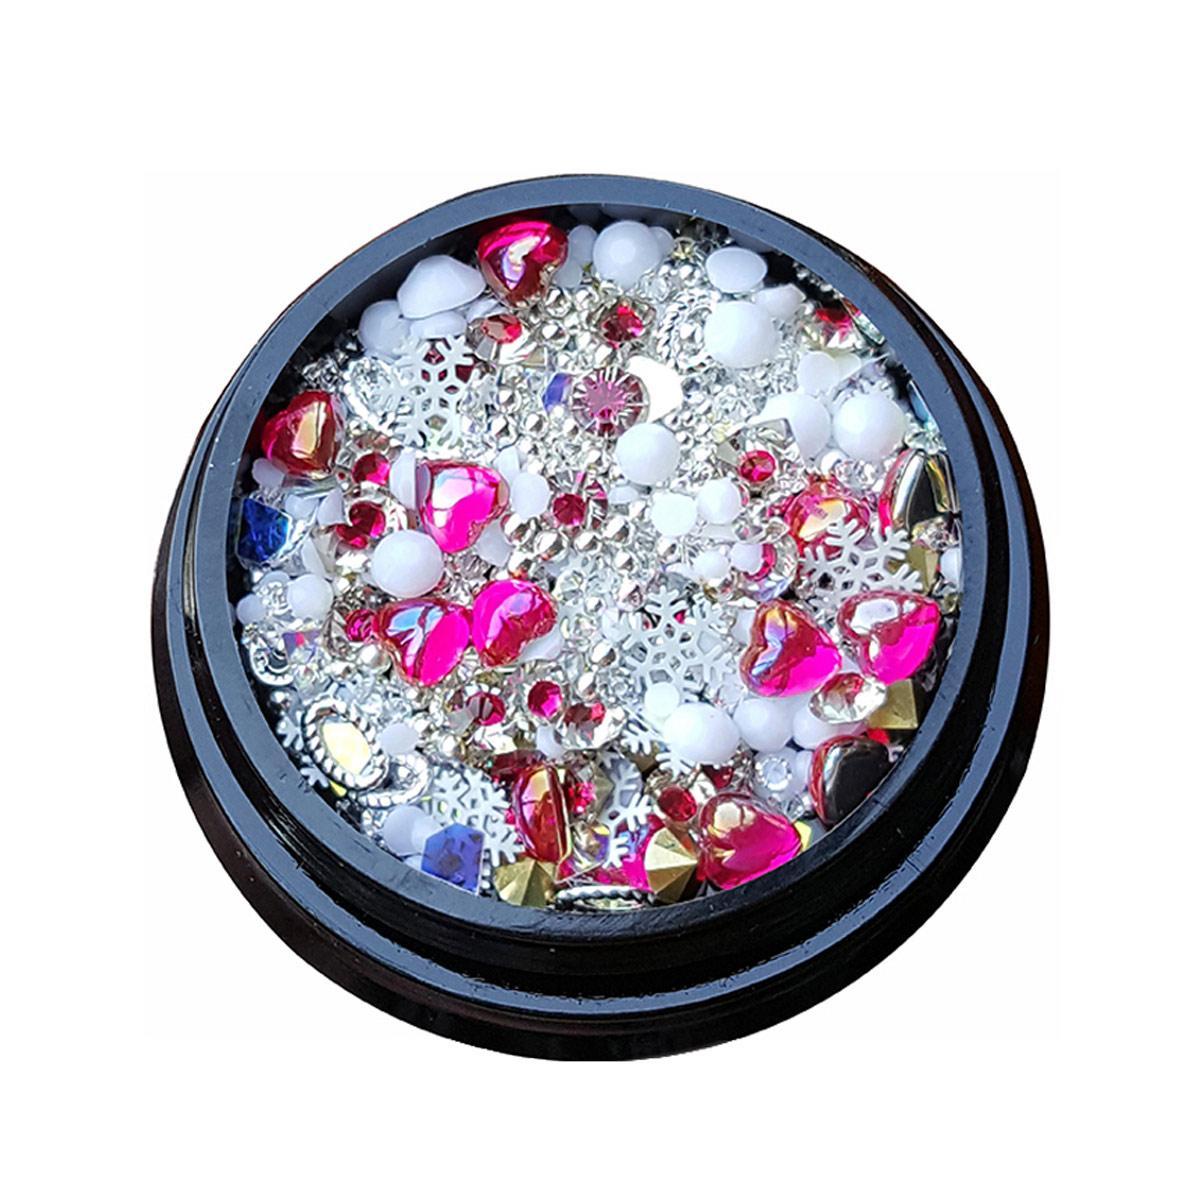 Ozdoby Na Nehty Nehtova Bizuterie Luxury Jewelry 08 Produkty Pro Nehtovy Design